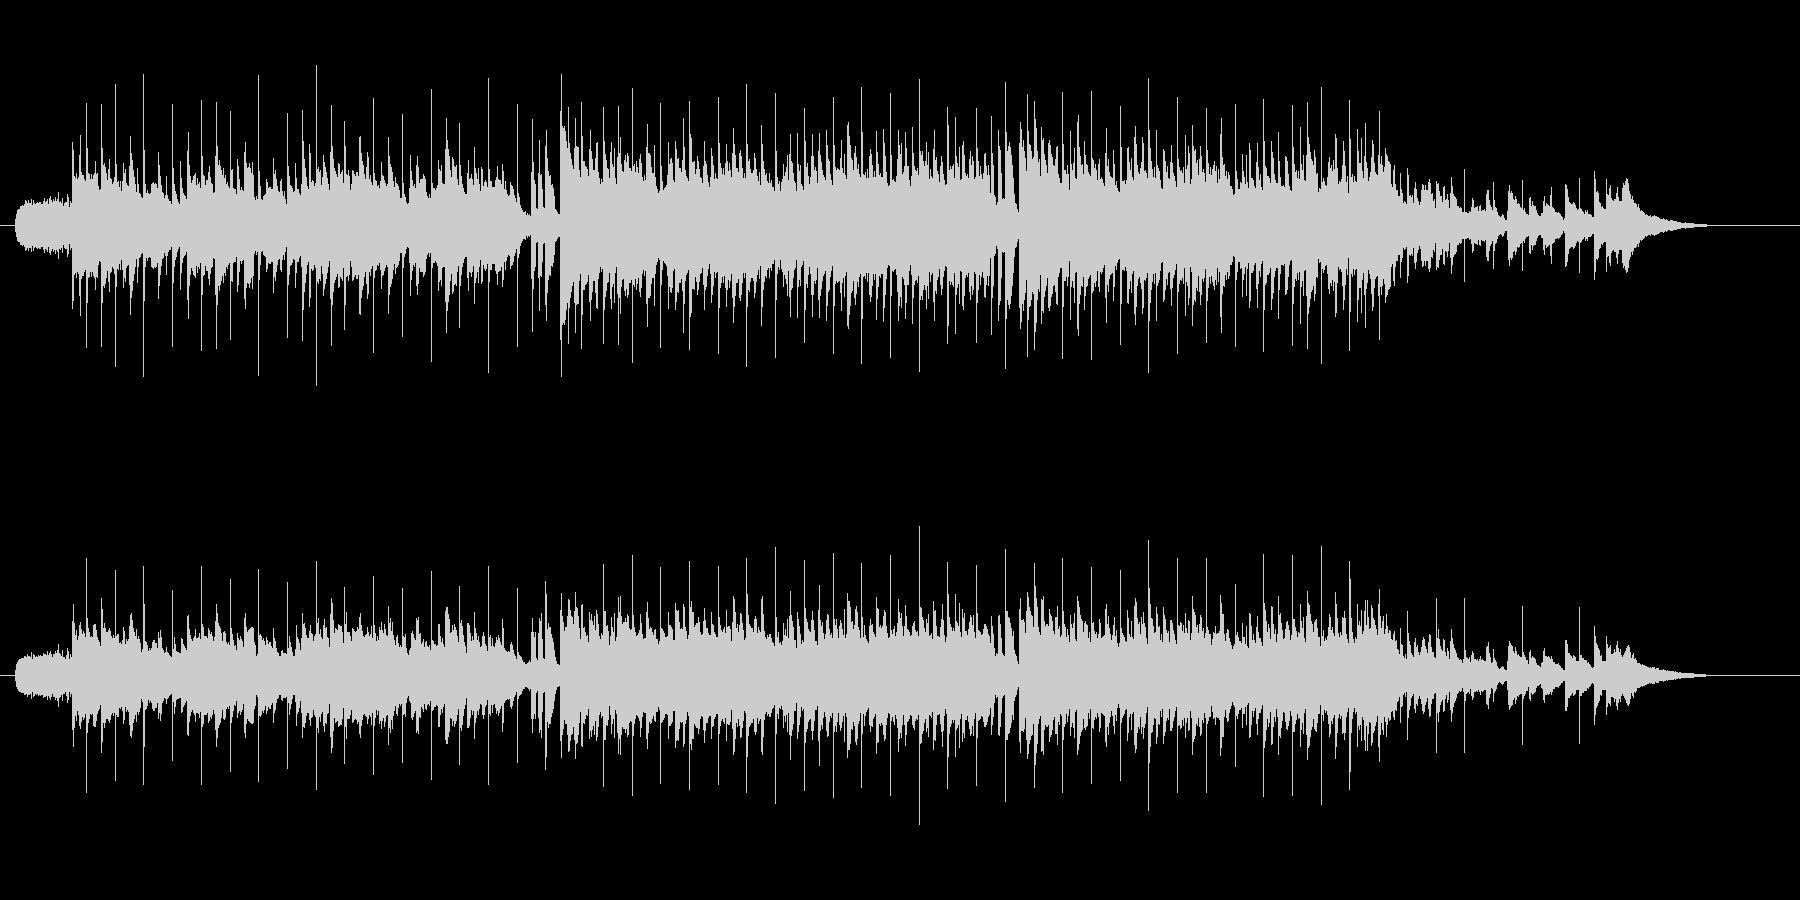 ニューミュージック系ミディアム・バラードの未再生の波形